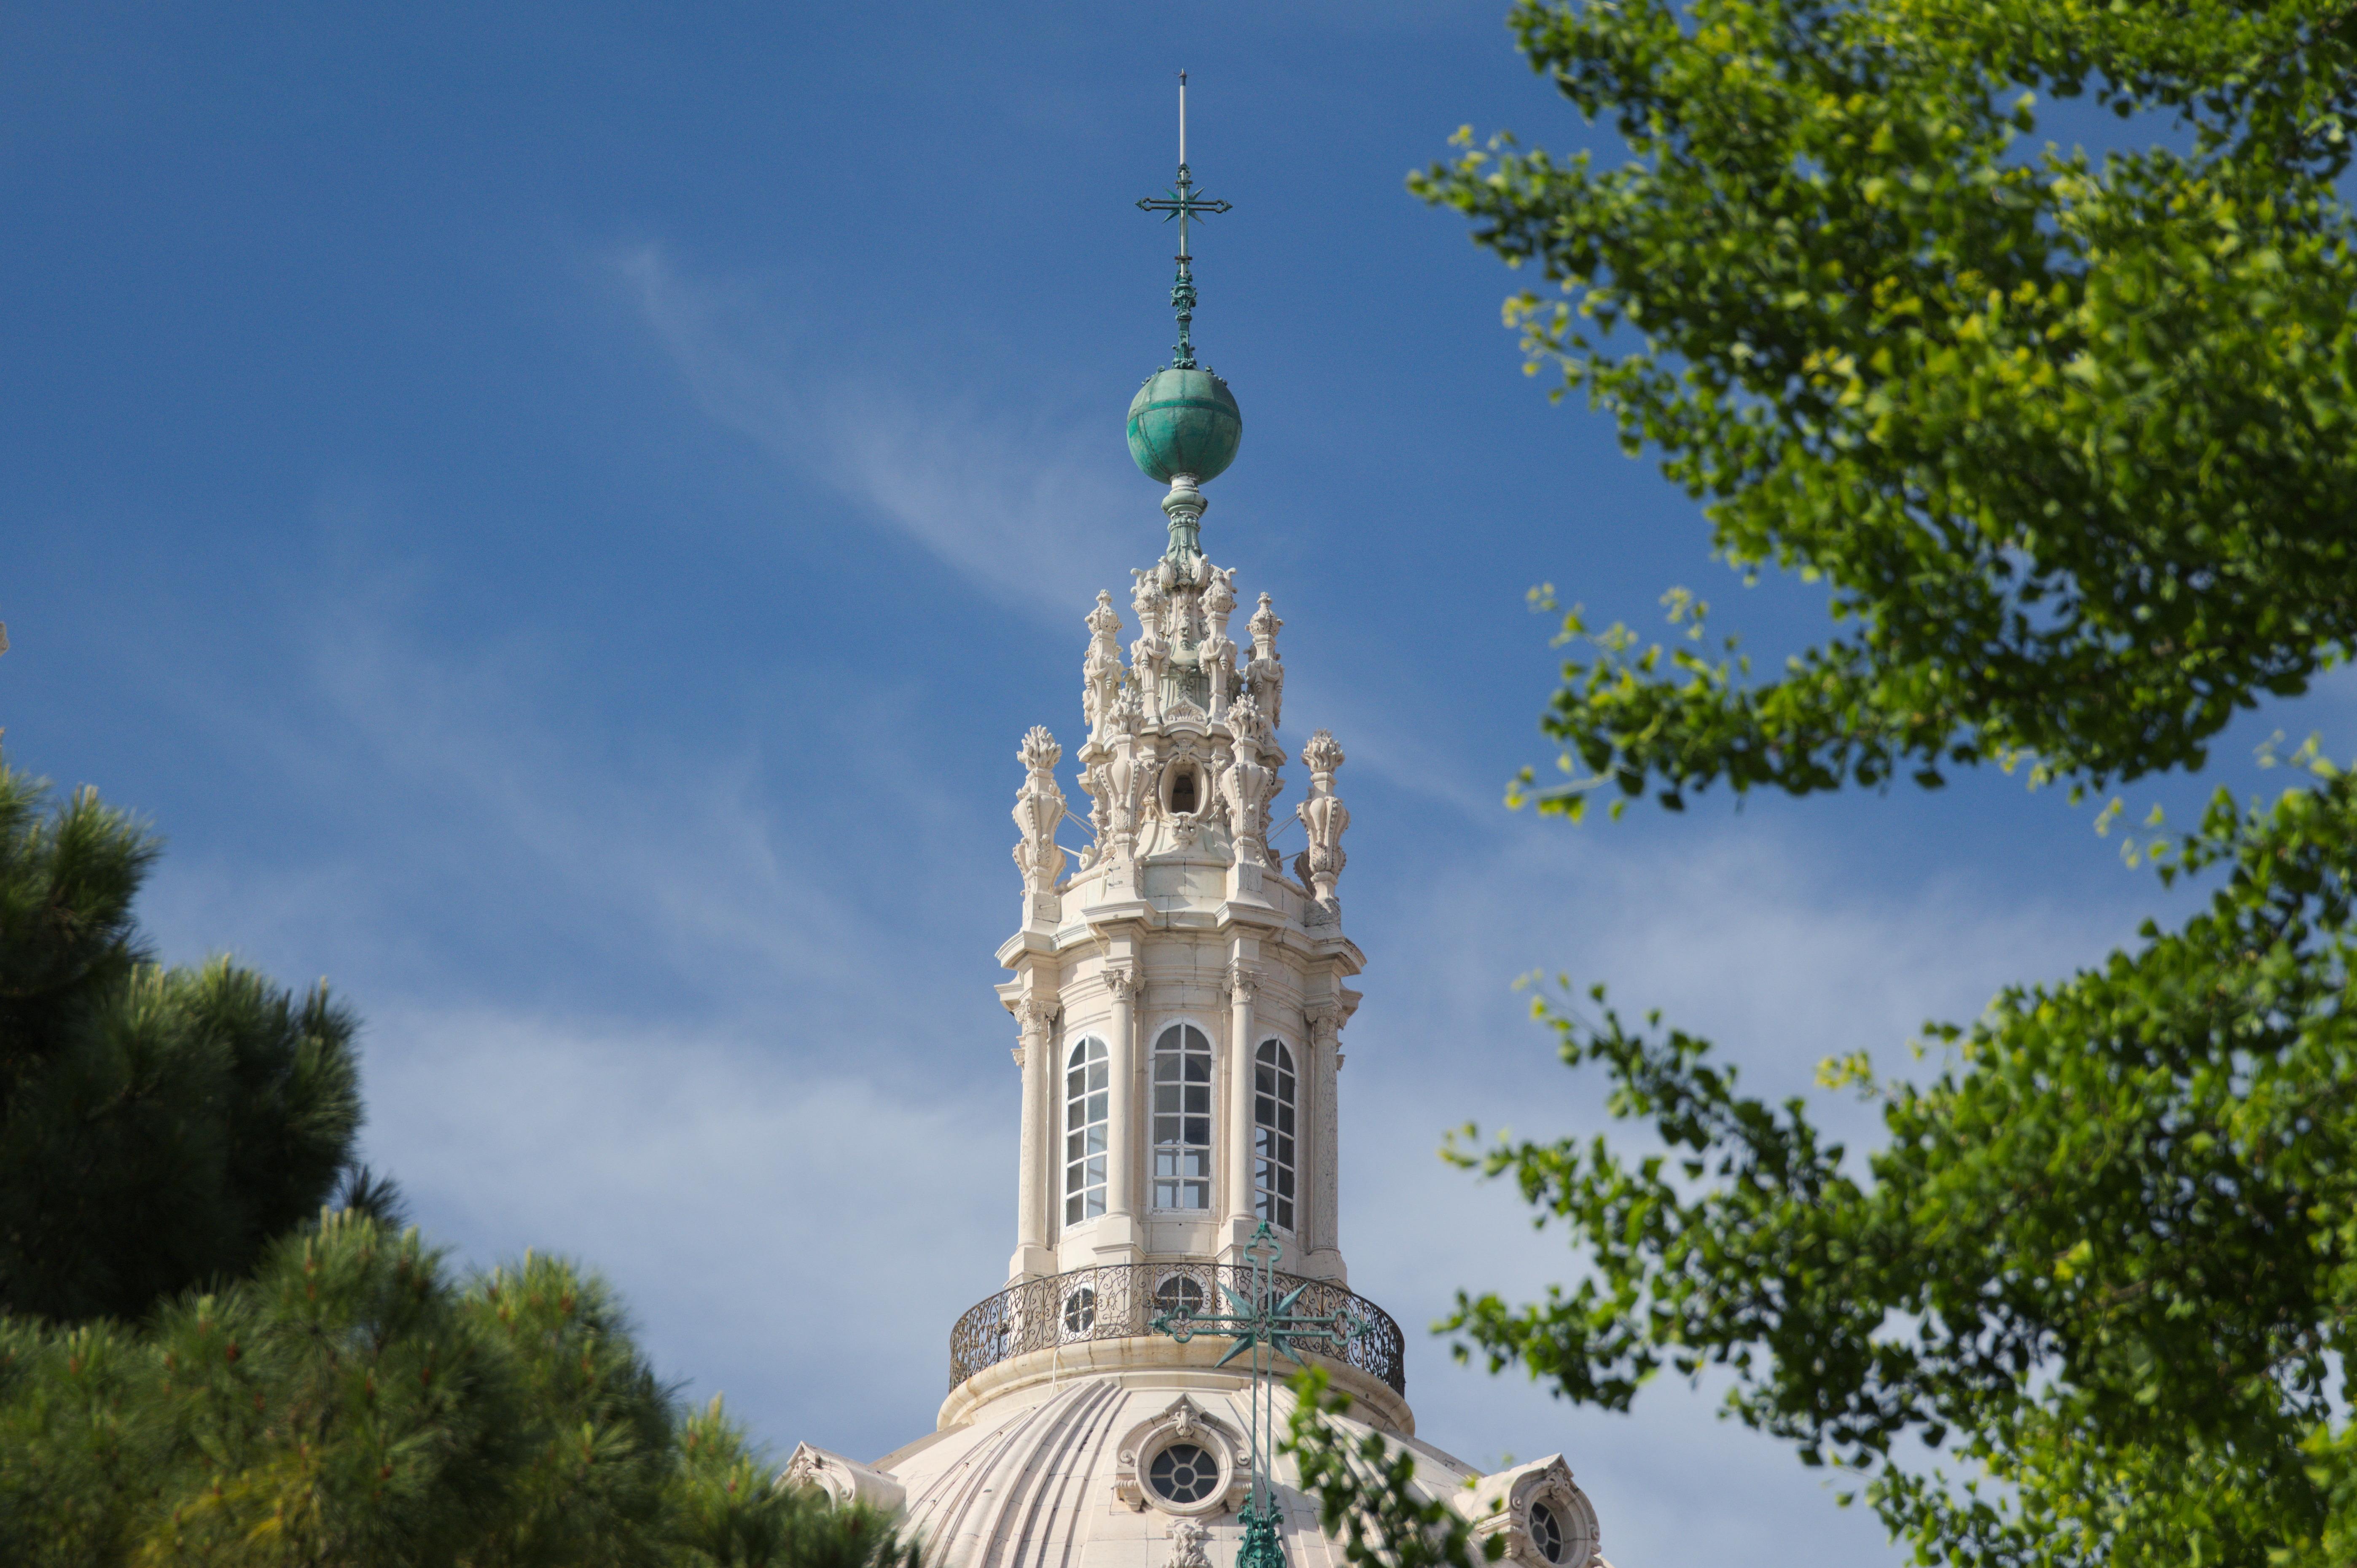 Image of the Basílica da Estrela